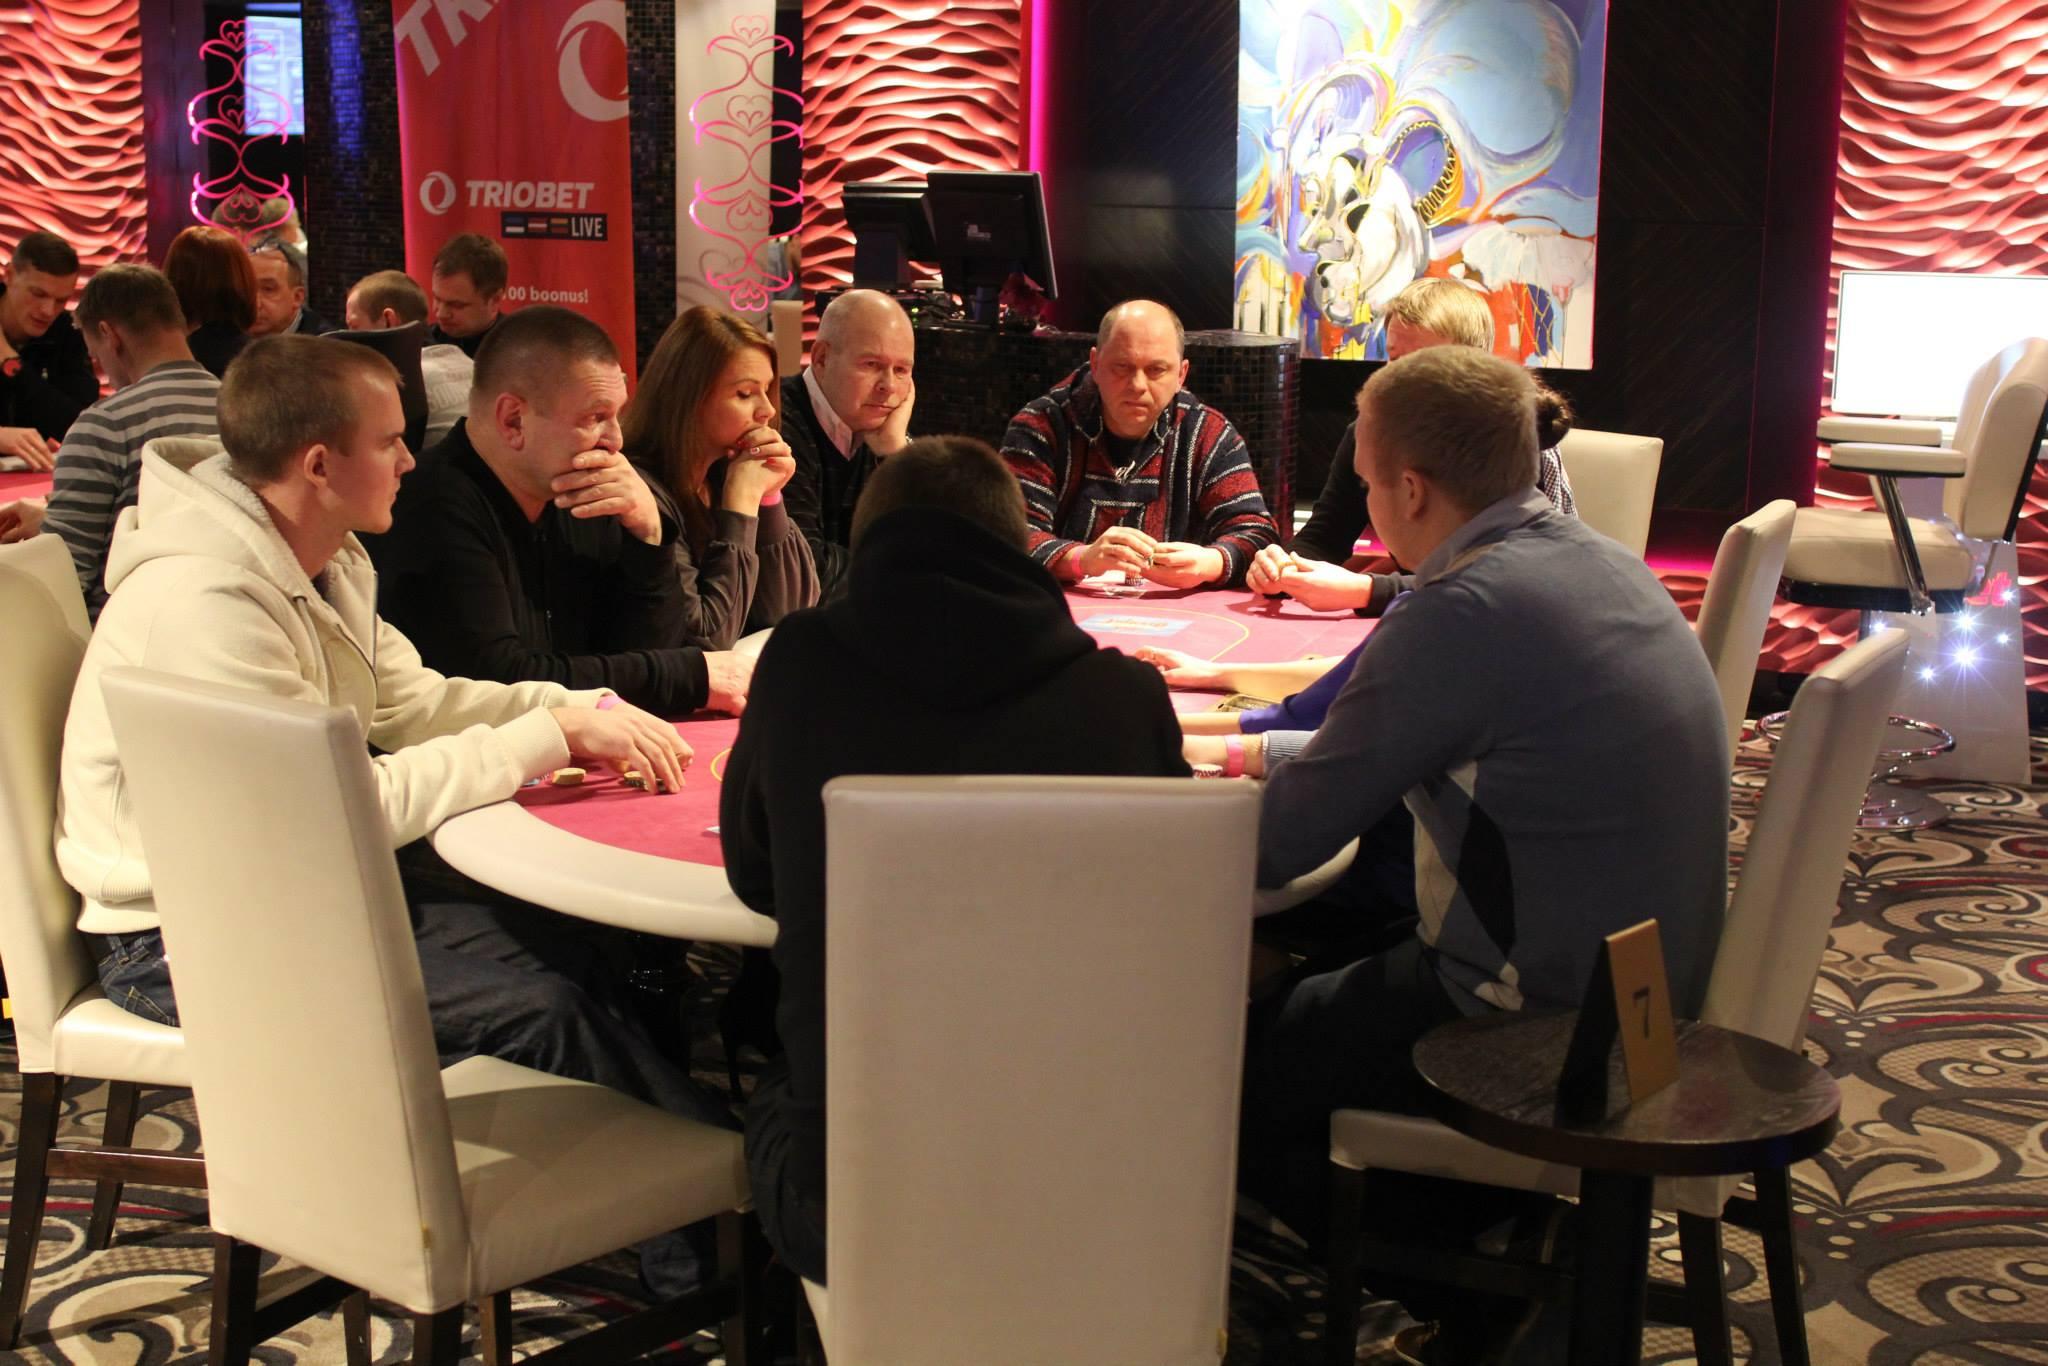 Triobeti pokkeritoa kampaaniad 2015. aasta märtsis 102